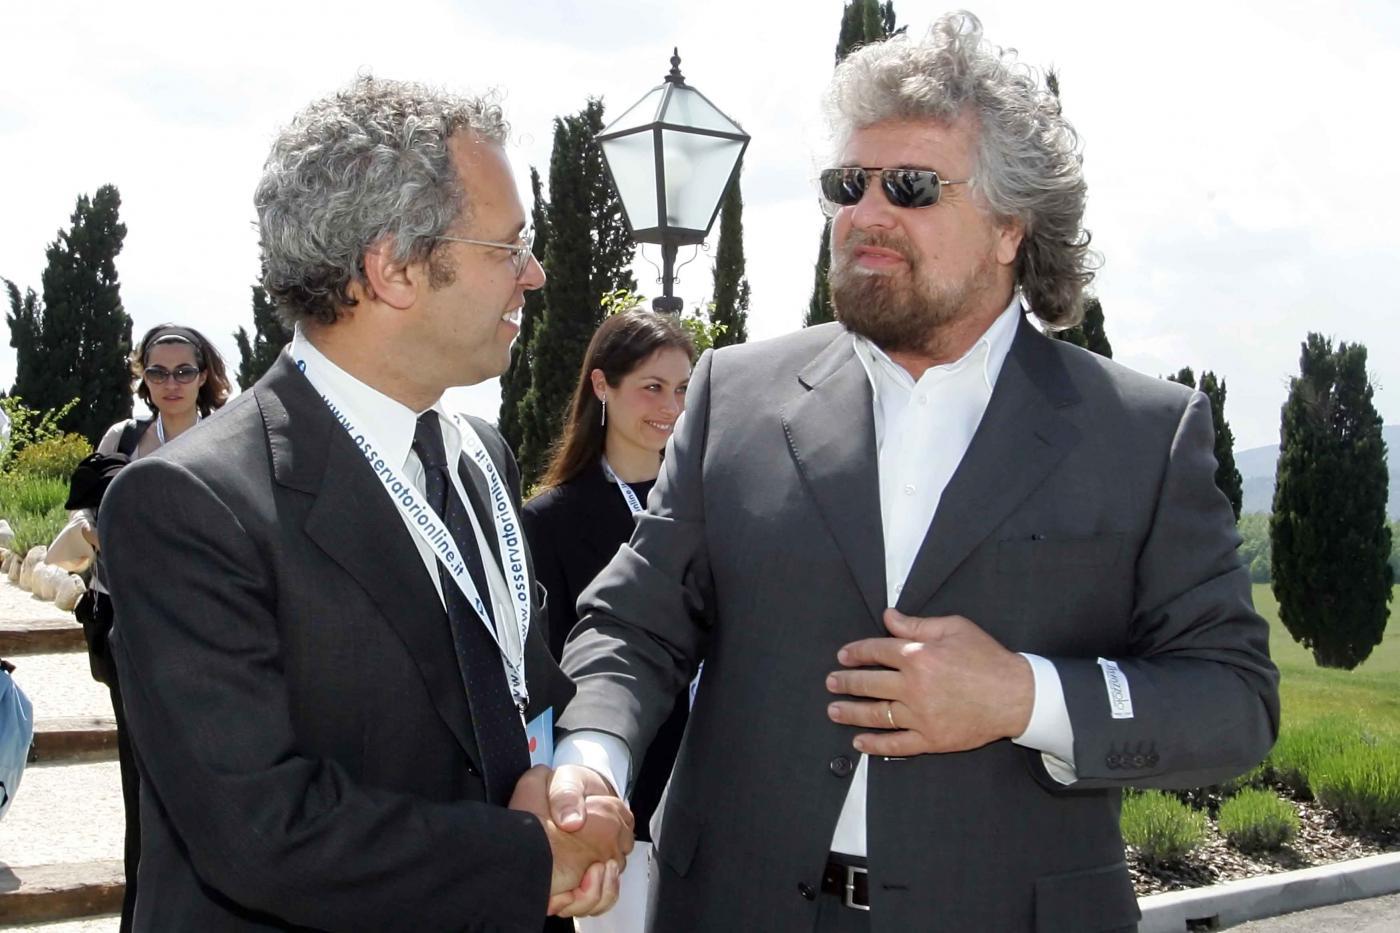 Beppe Grillo sbarca in tv da Mentana. Obiettivo europee, superare il Pd